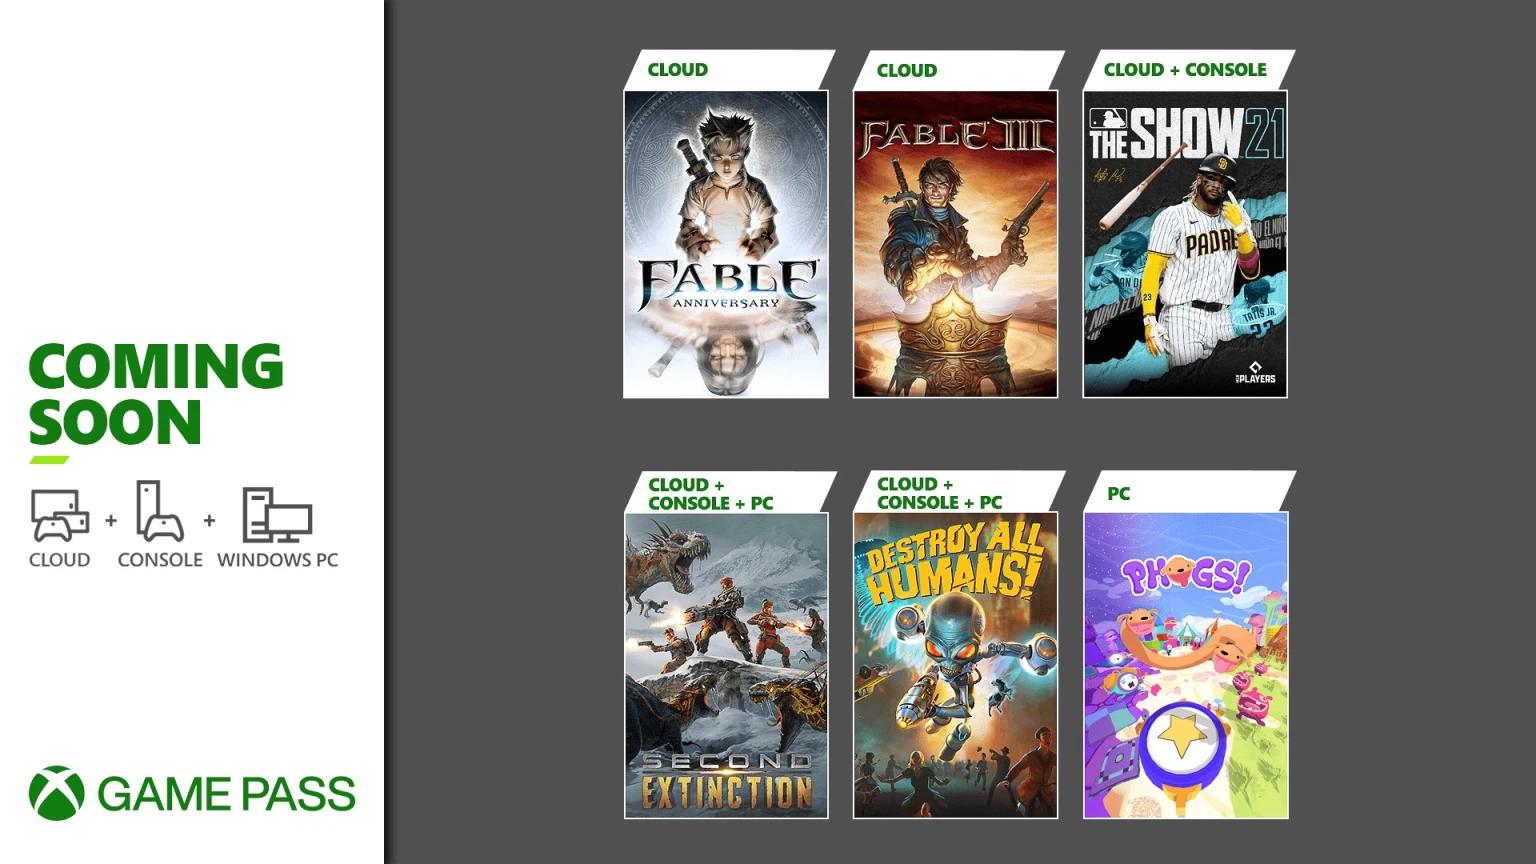 Destroy All Humans och Second Extinction på väg till Xbox Game Pass